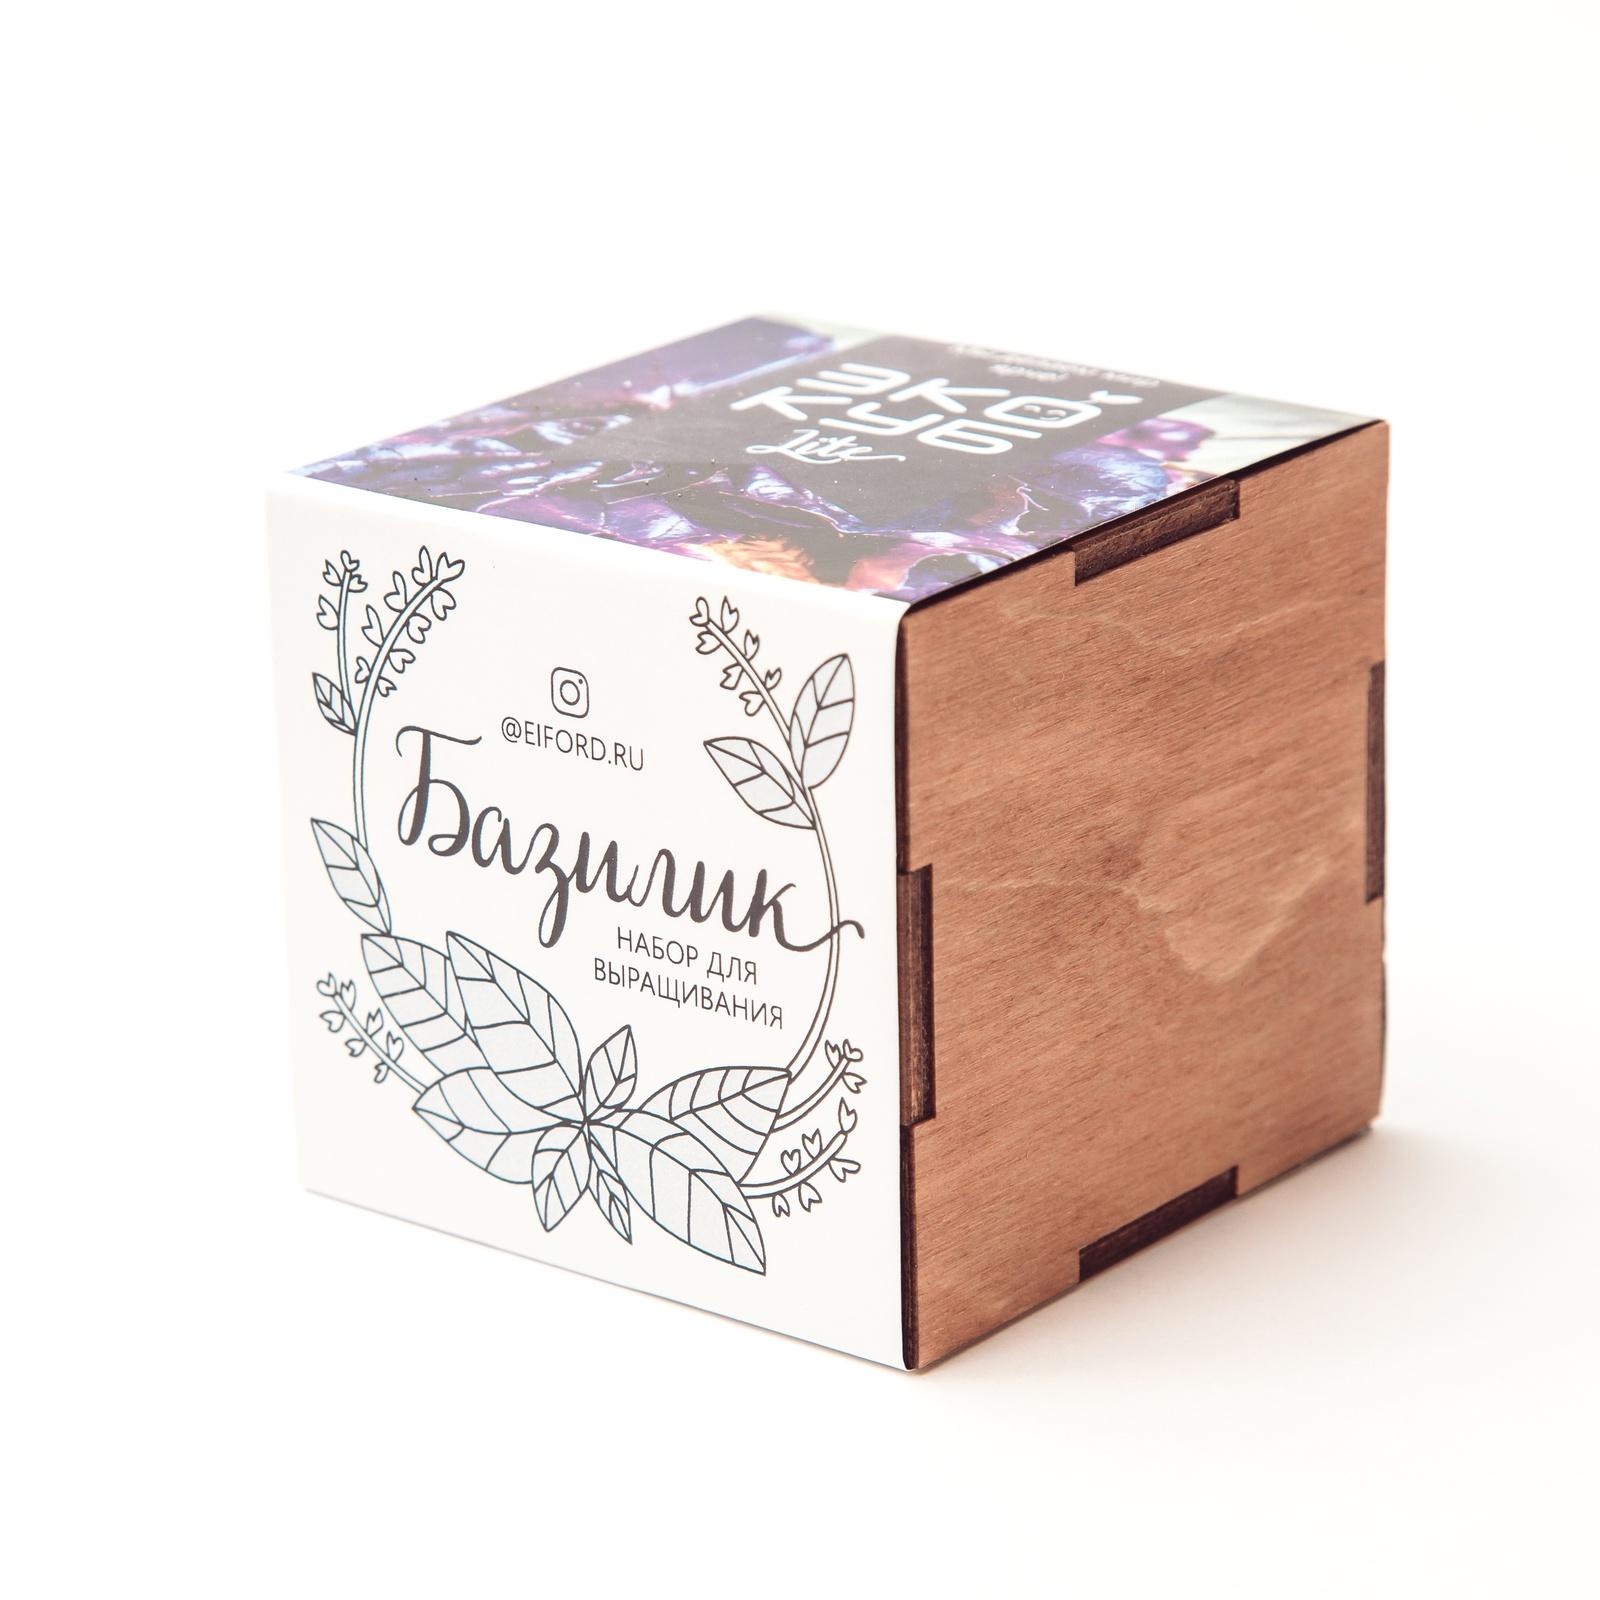 Набор для выращивания Экокуб Lite Базилик набор для опытов и экспериментов набор для выращивания экокуб базилик